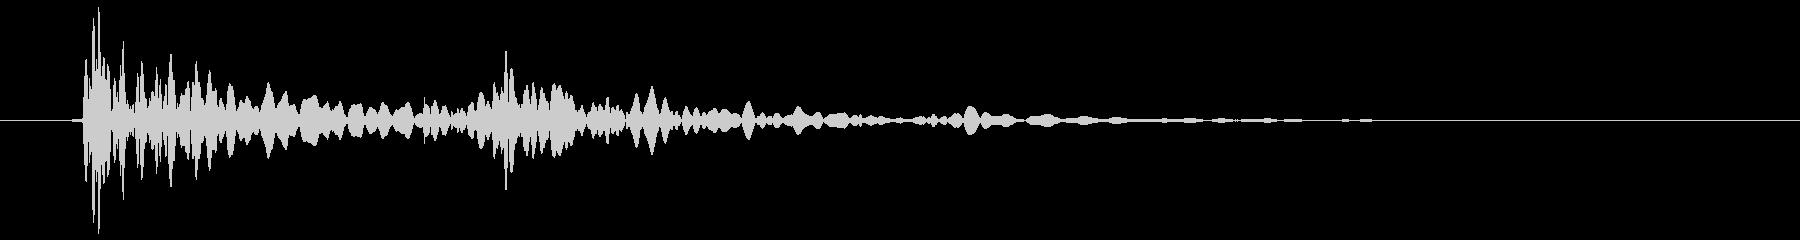 パネルタイプ2バックルの未再生の波形